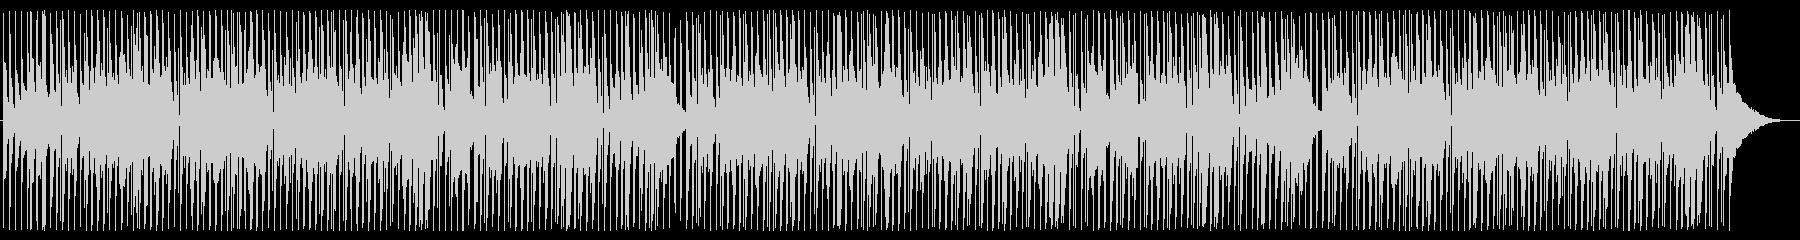 ほのぼのした雰囲気のピアノの未再生の波形